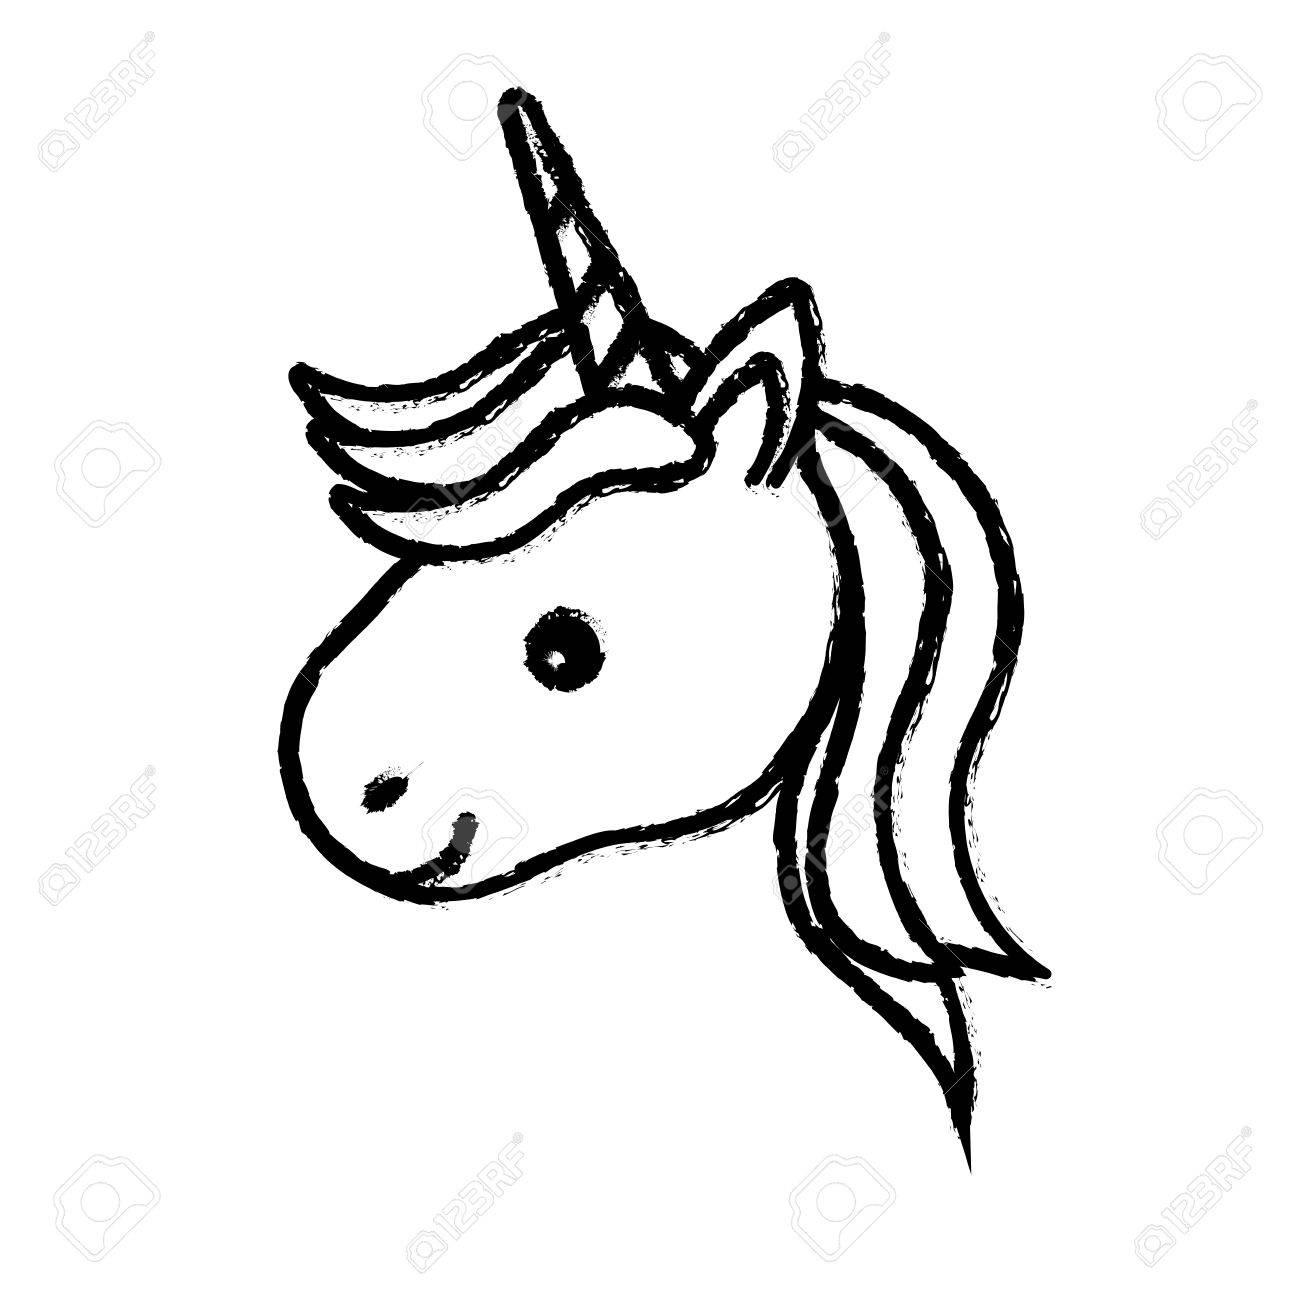 Figura Linda Cabeza De Unicornio Con Cuerno Y Peinado Ilustración Vectorial